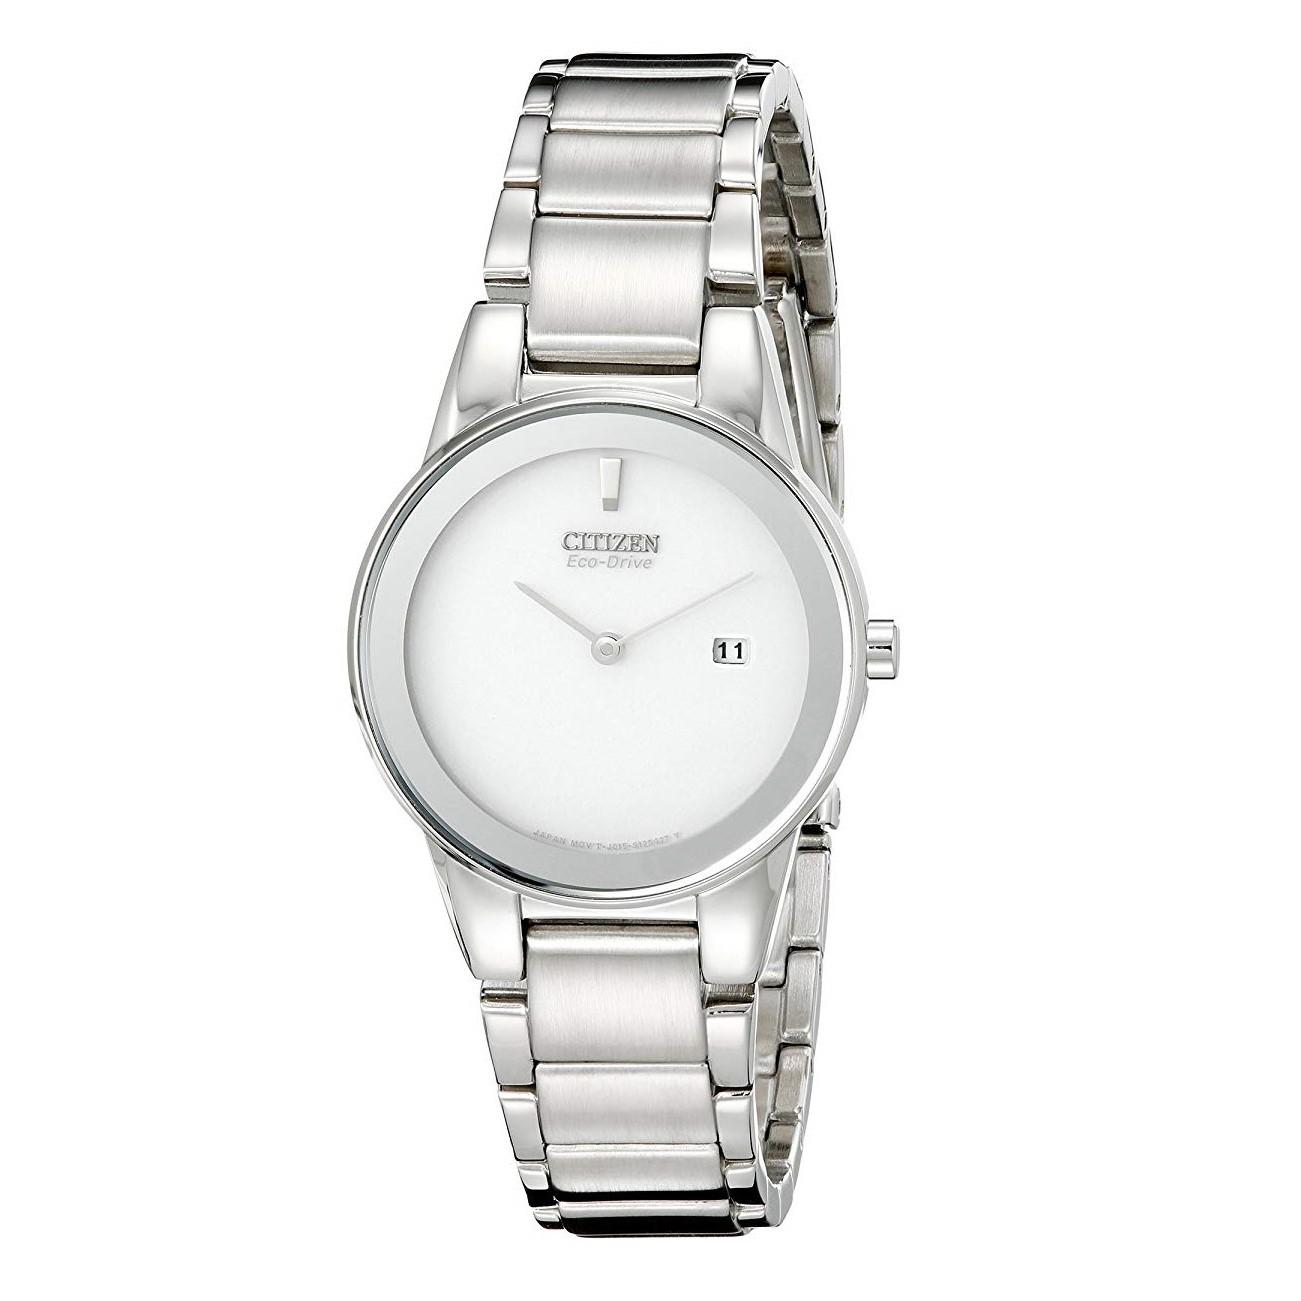 ساعت مچی عقربه ای زنانه سیتی زن مدل GA1050-51A              خرید (⭐️⭐️⭐️)